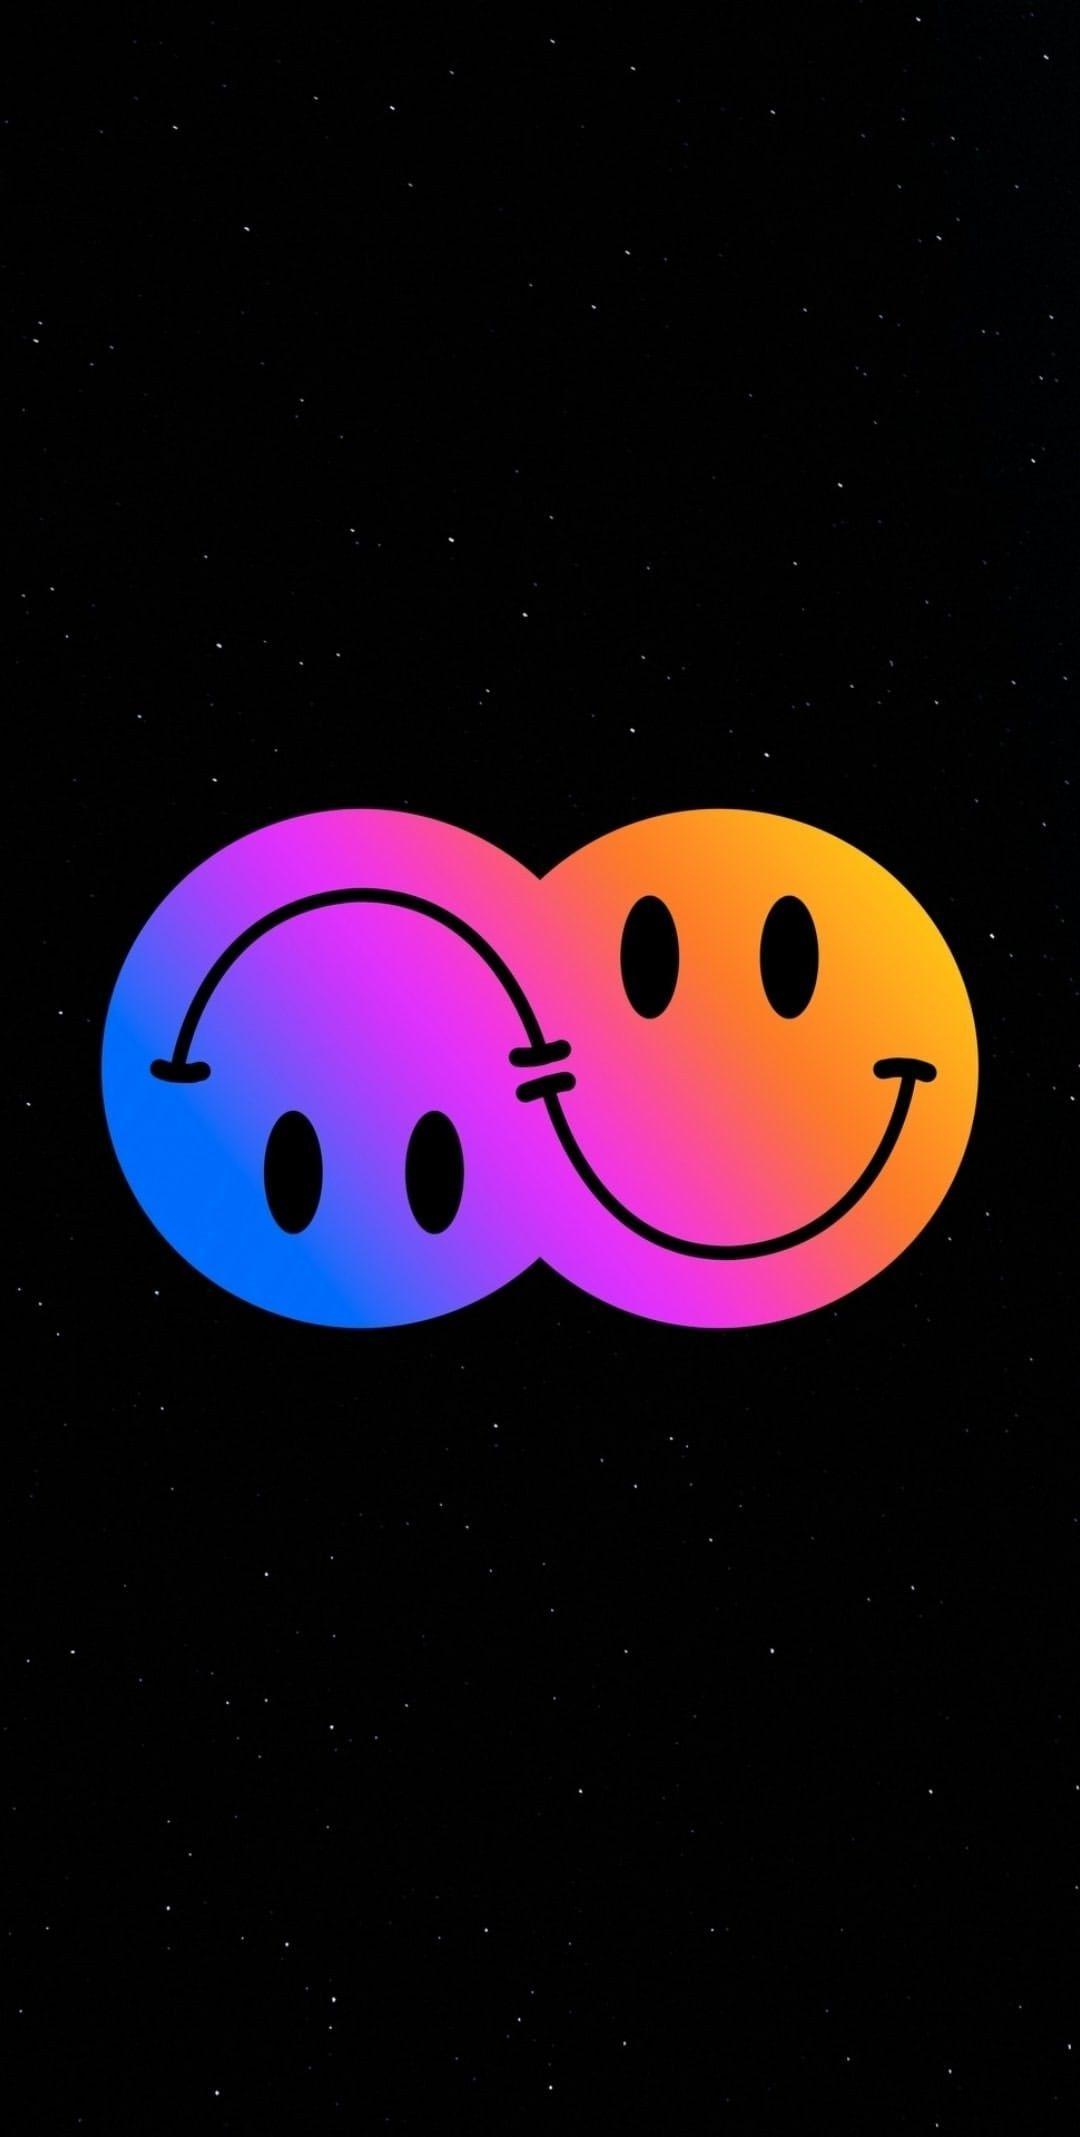 Wallpaper in 2020   Iphone wallpaper, Cute emoji wallpaper ...